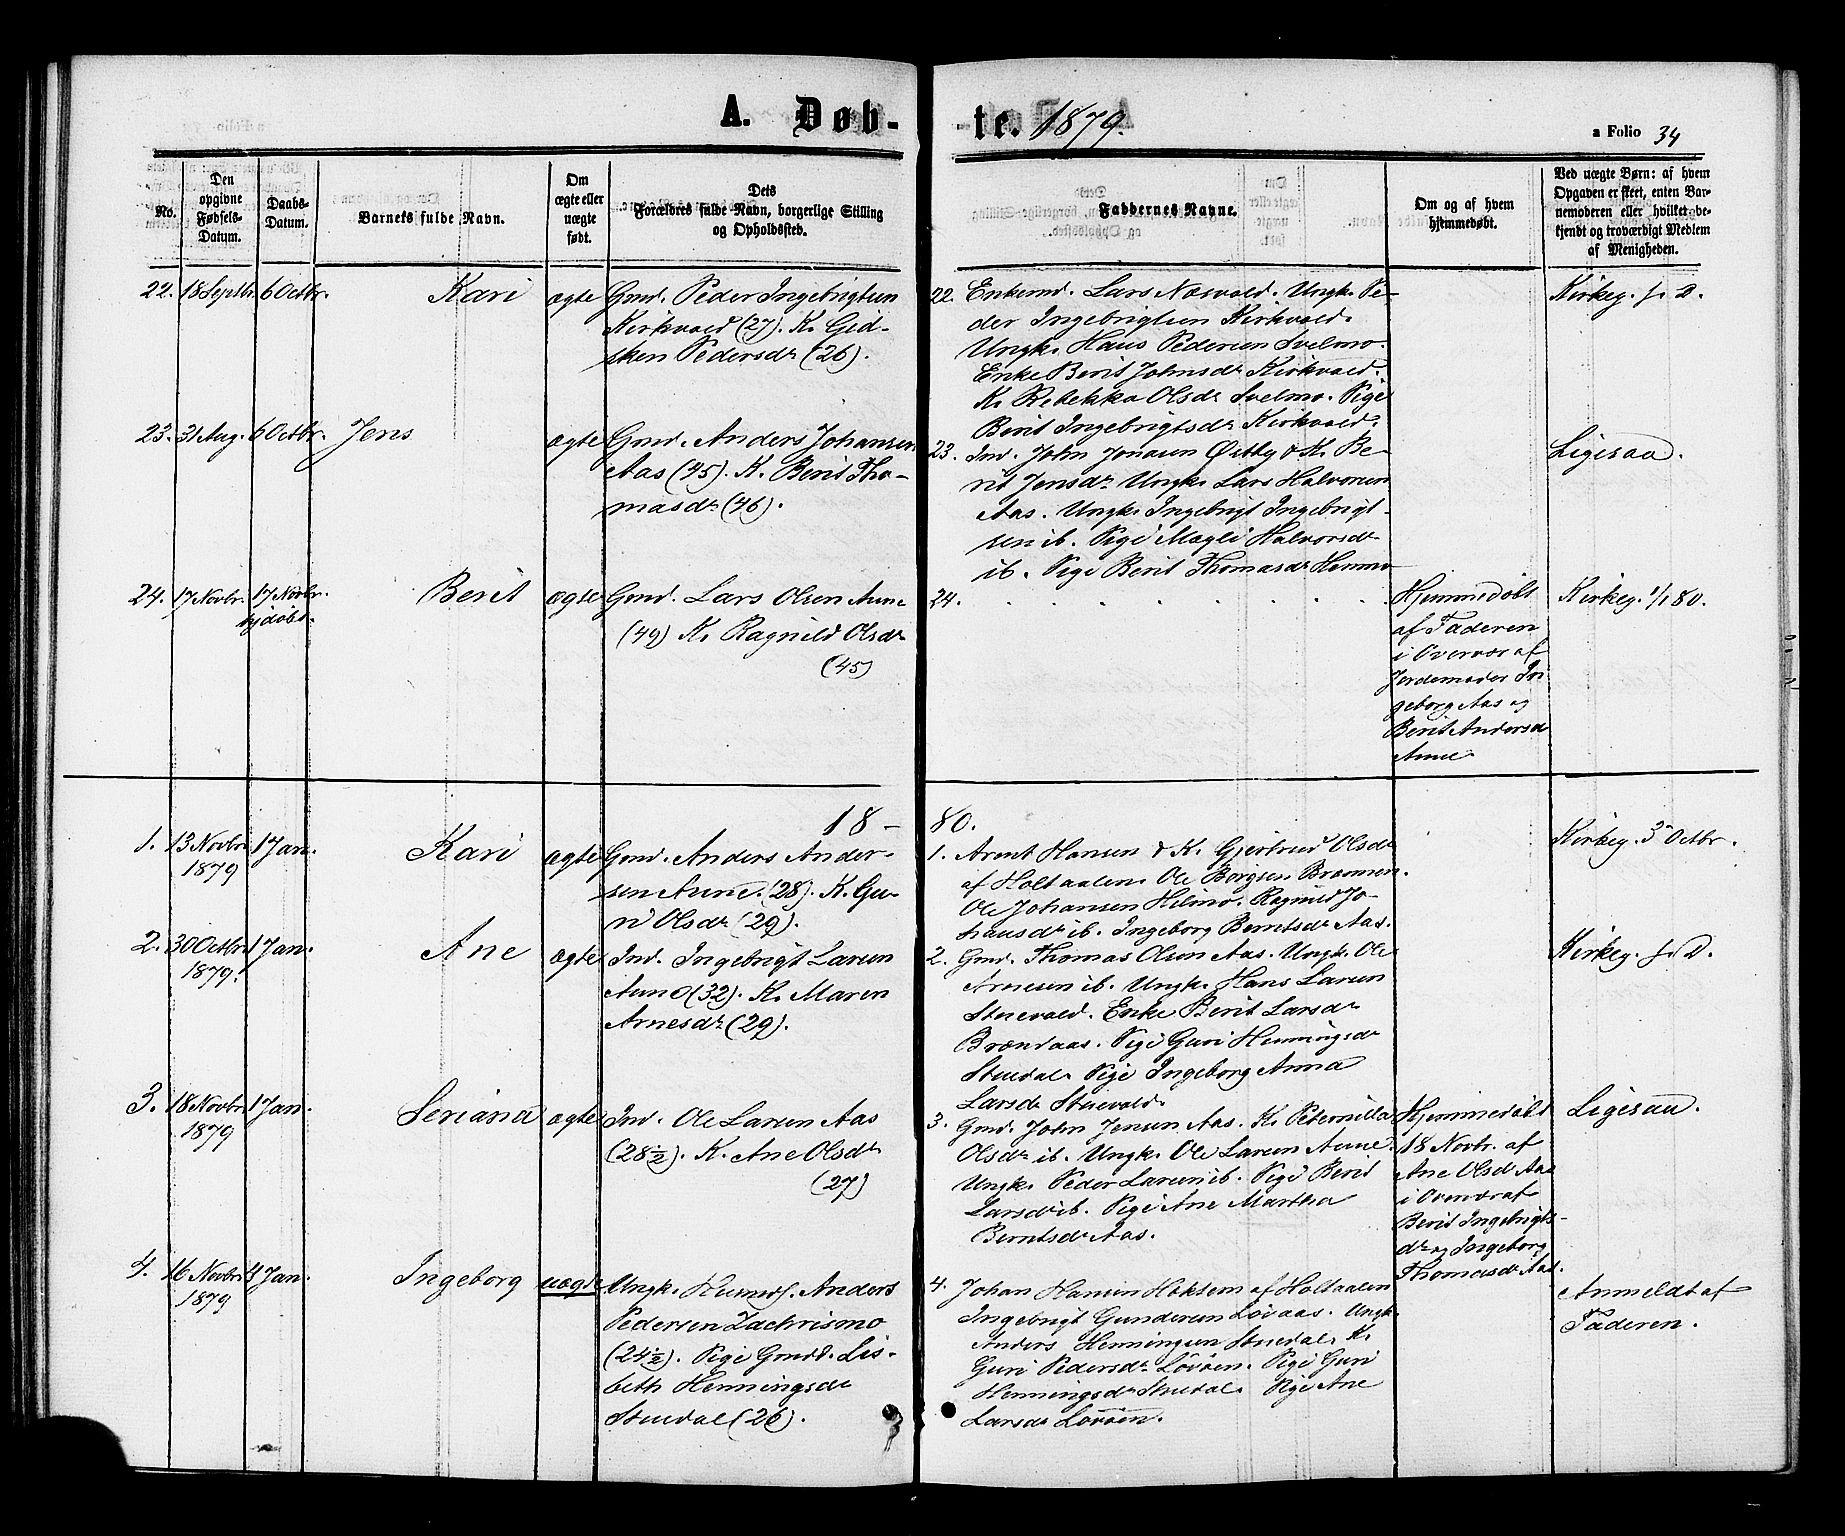 SAT, Ministerialprotokoller, klokkerbøker og fødselsregistre - Sør-Trøndelag, 698/L1163: Ministerialbok nr. 698A01, 1862-1887, s. 34